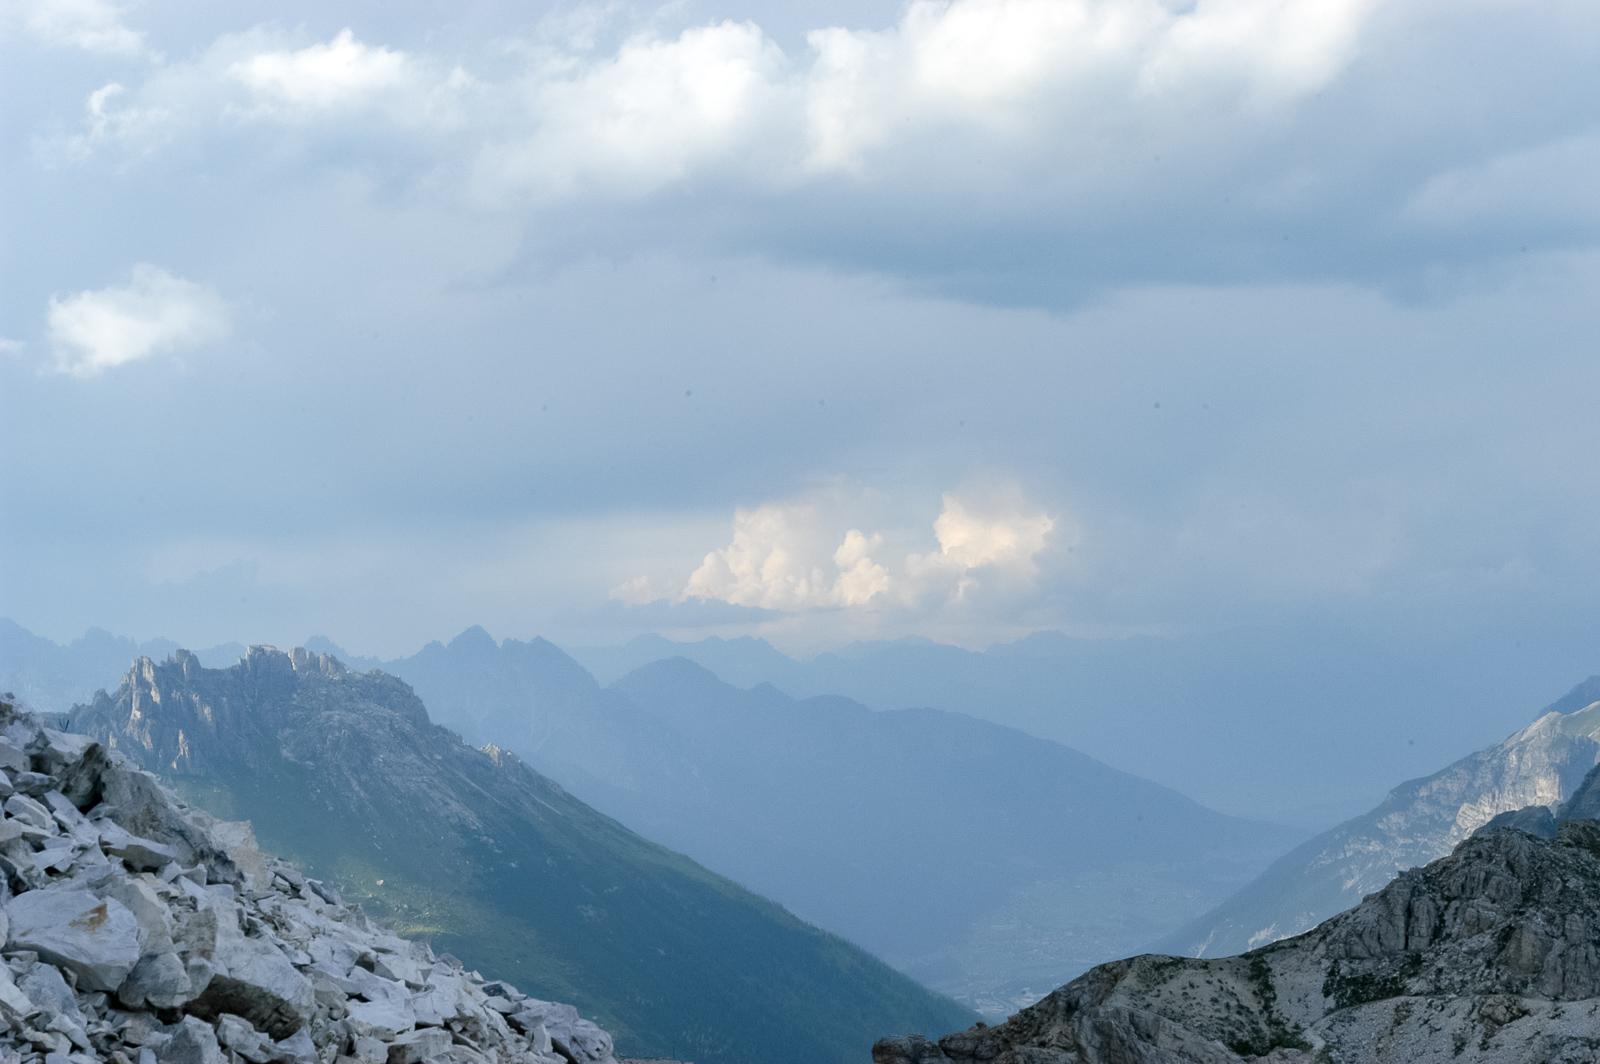 Regen braut sich zusammen. Über dem Elfer (links) und der Ochsenwand (im Mittelgrund). Ganz hinten die Nordkette bei Innsbruck.